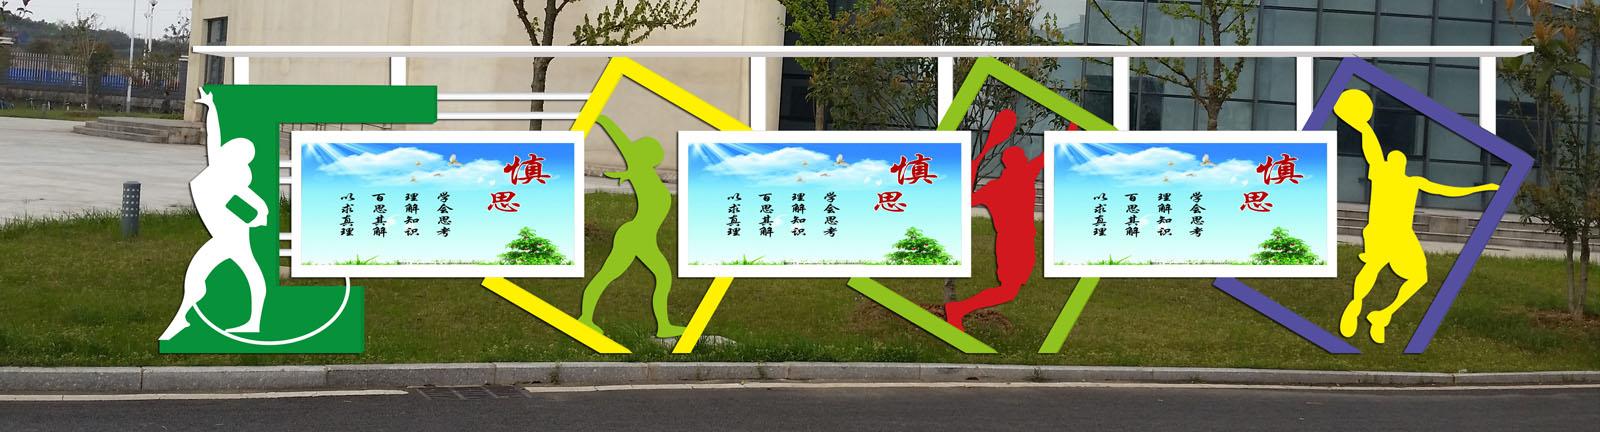 惠州公交候车亭